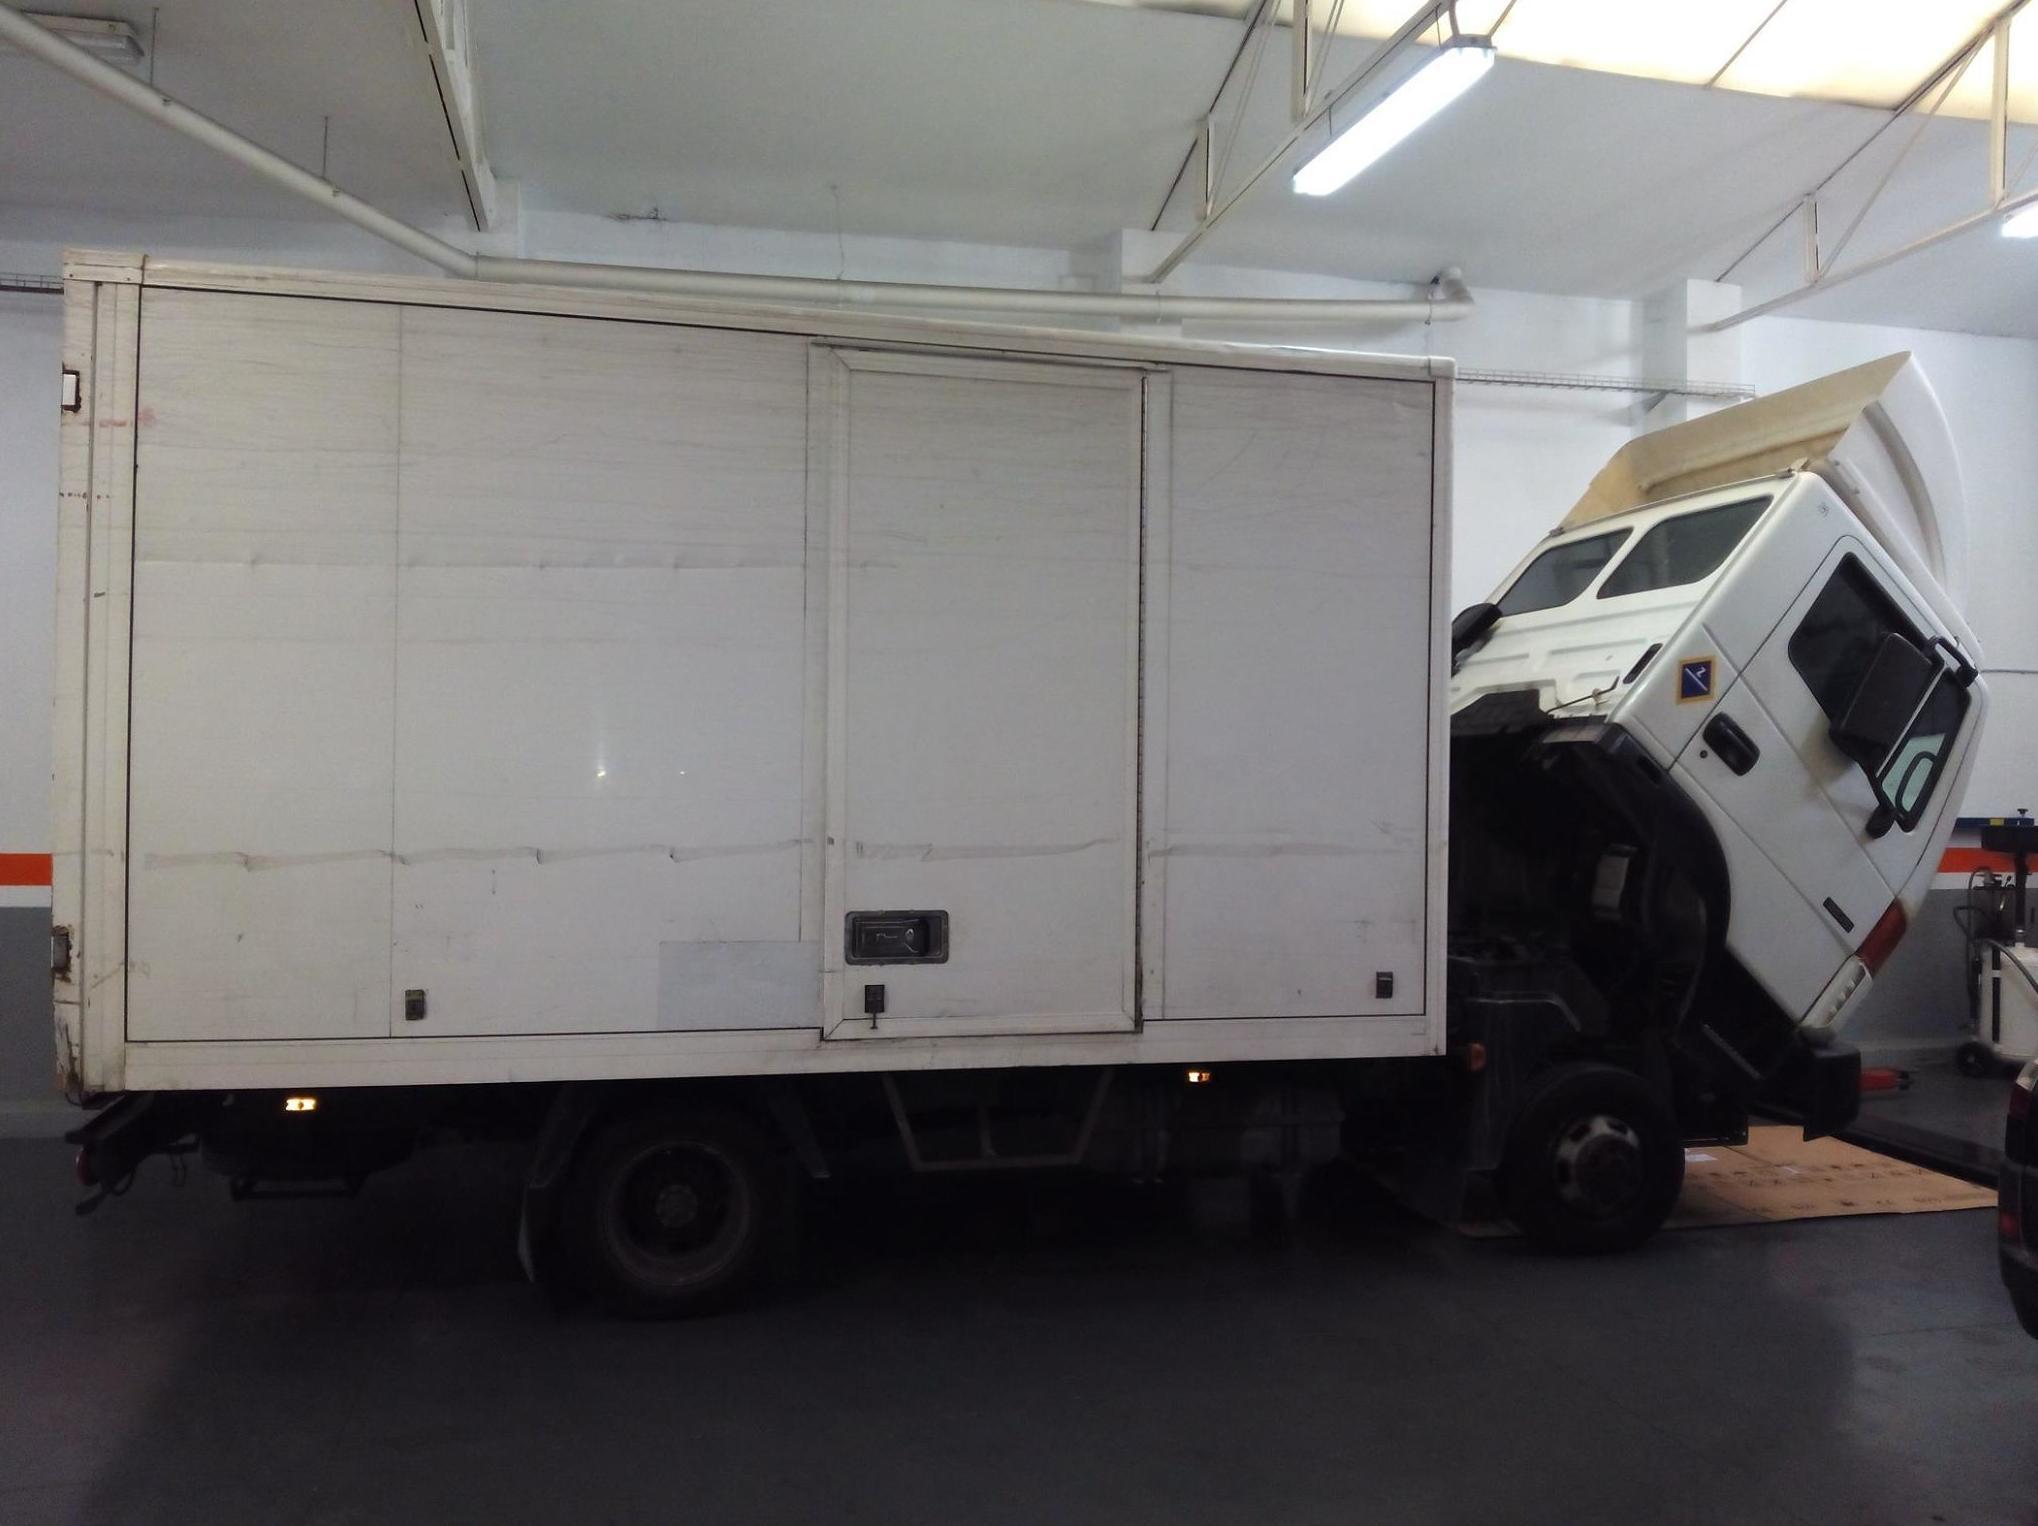 Aceptamos tu vehículo,sea cual sea su tamaño.